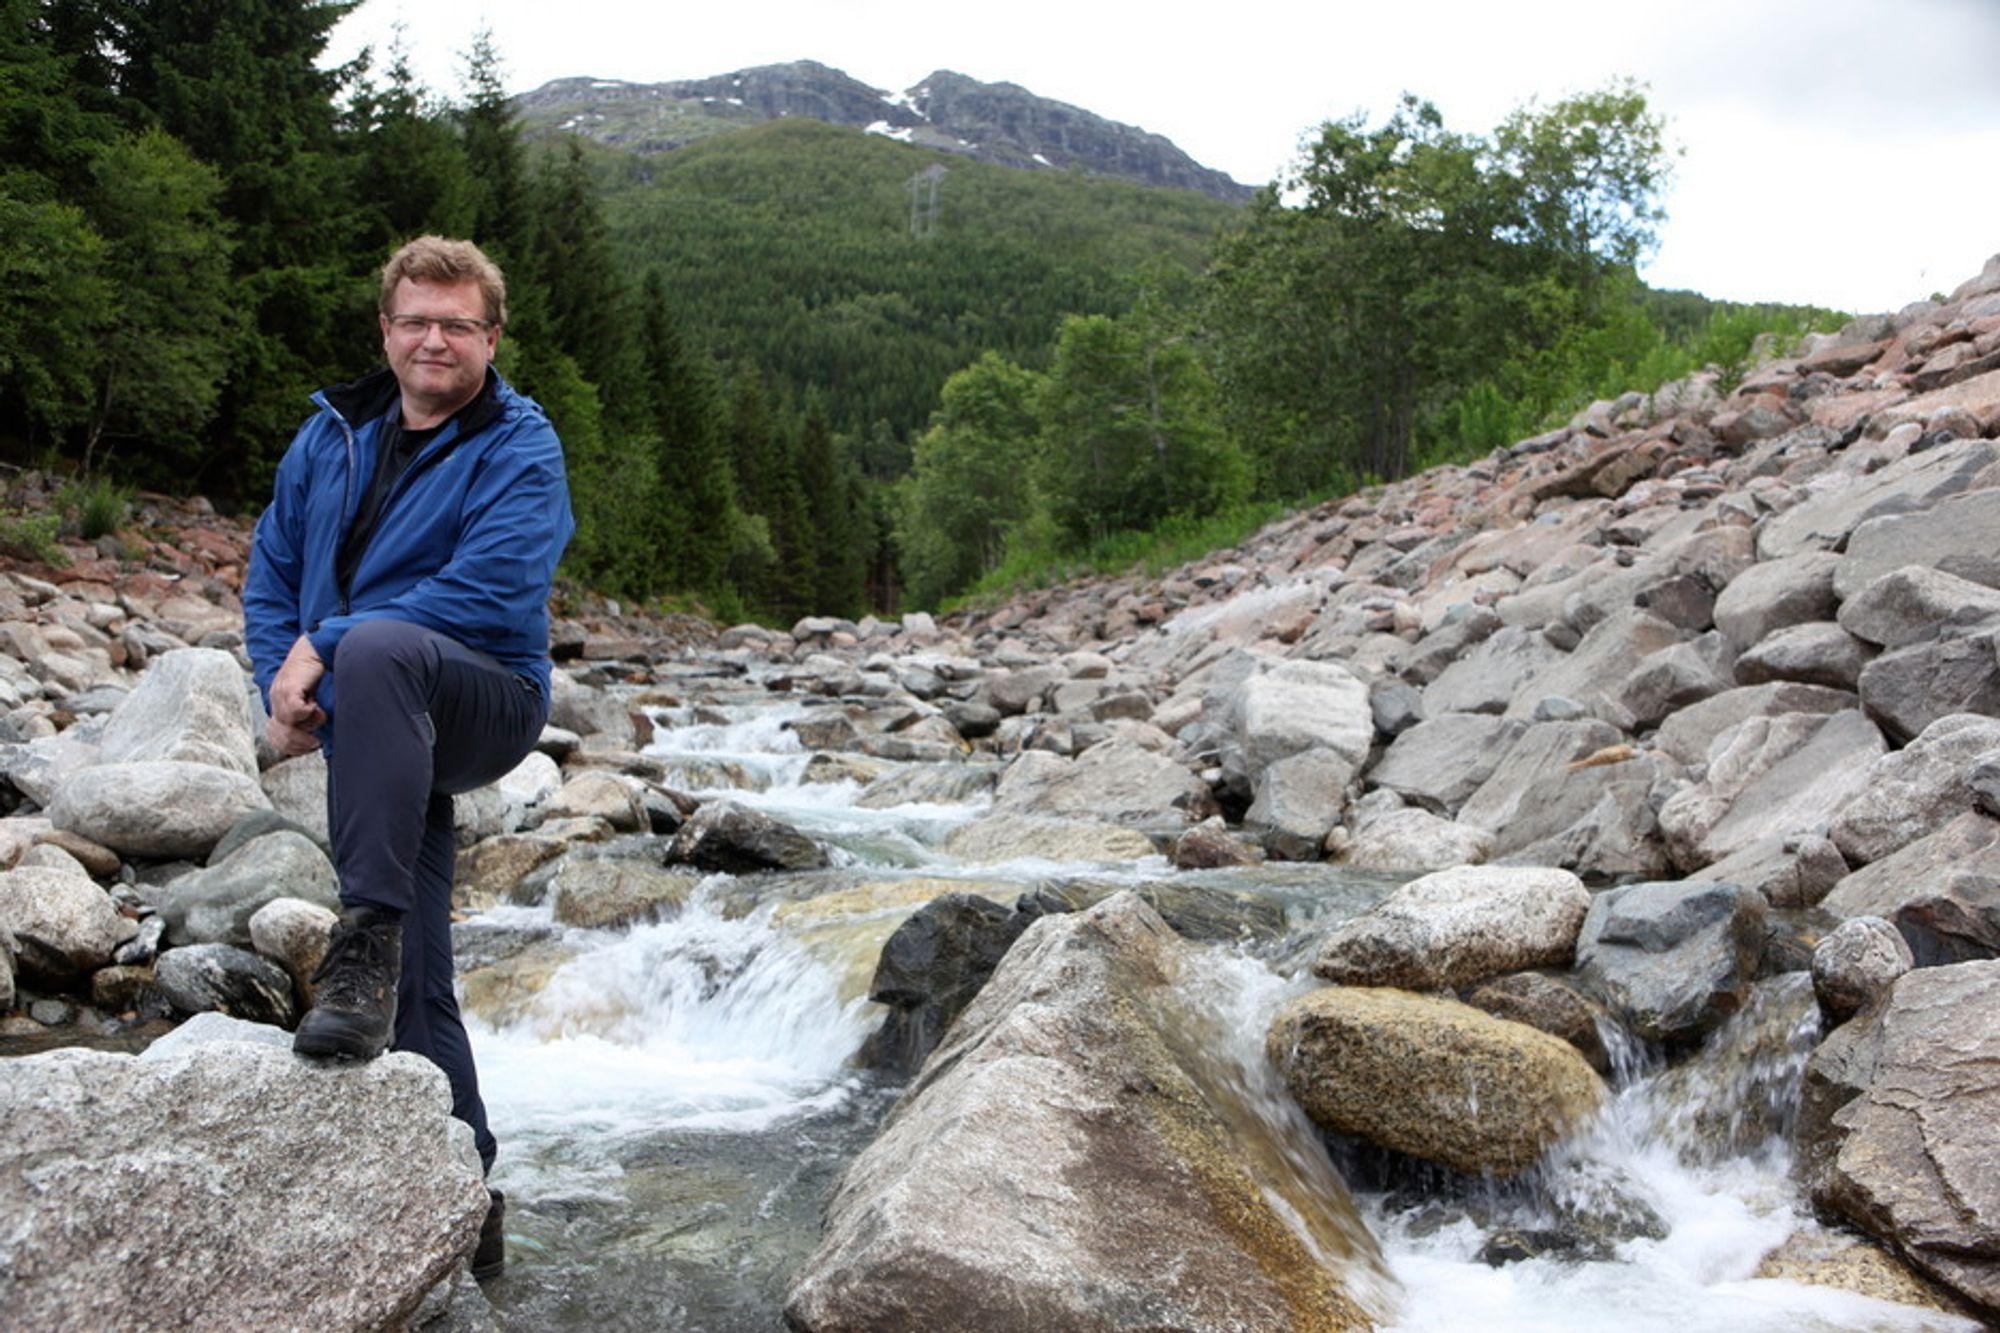 ØDELEGGER IDYLLEN: Geir Botnen har trådd sine barnesko i Botnen ved Røldalsvatnet, og vil ikke at idyllen skal bli ødelagt av kraftutbygging.